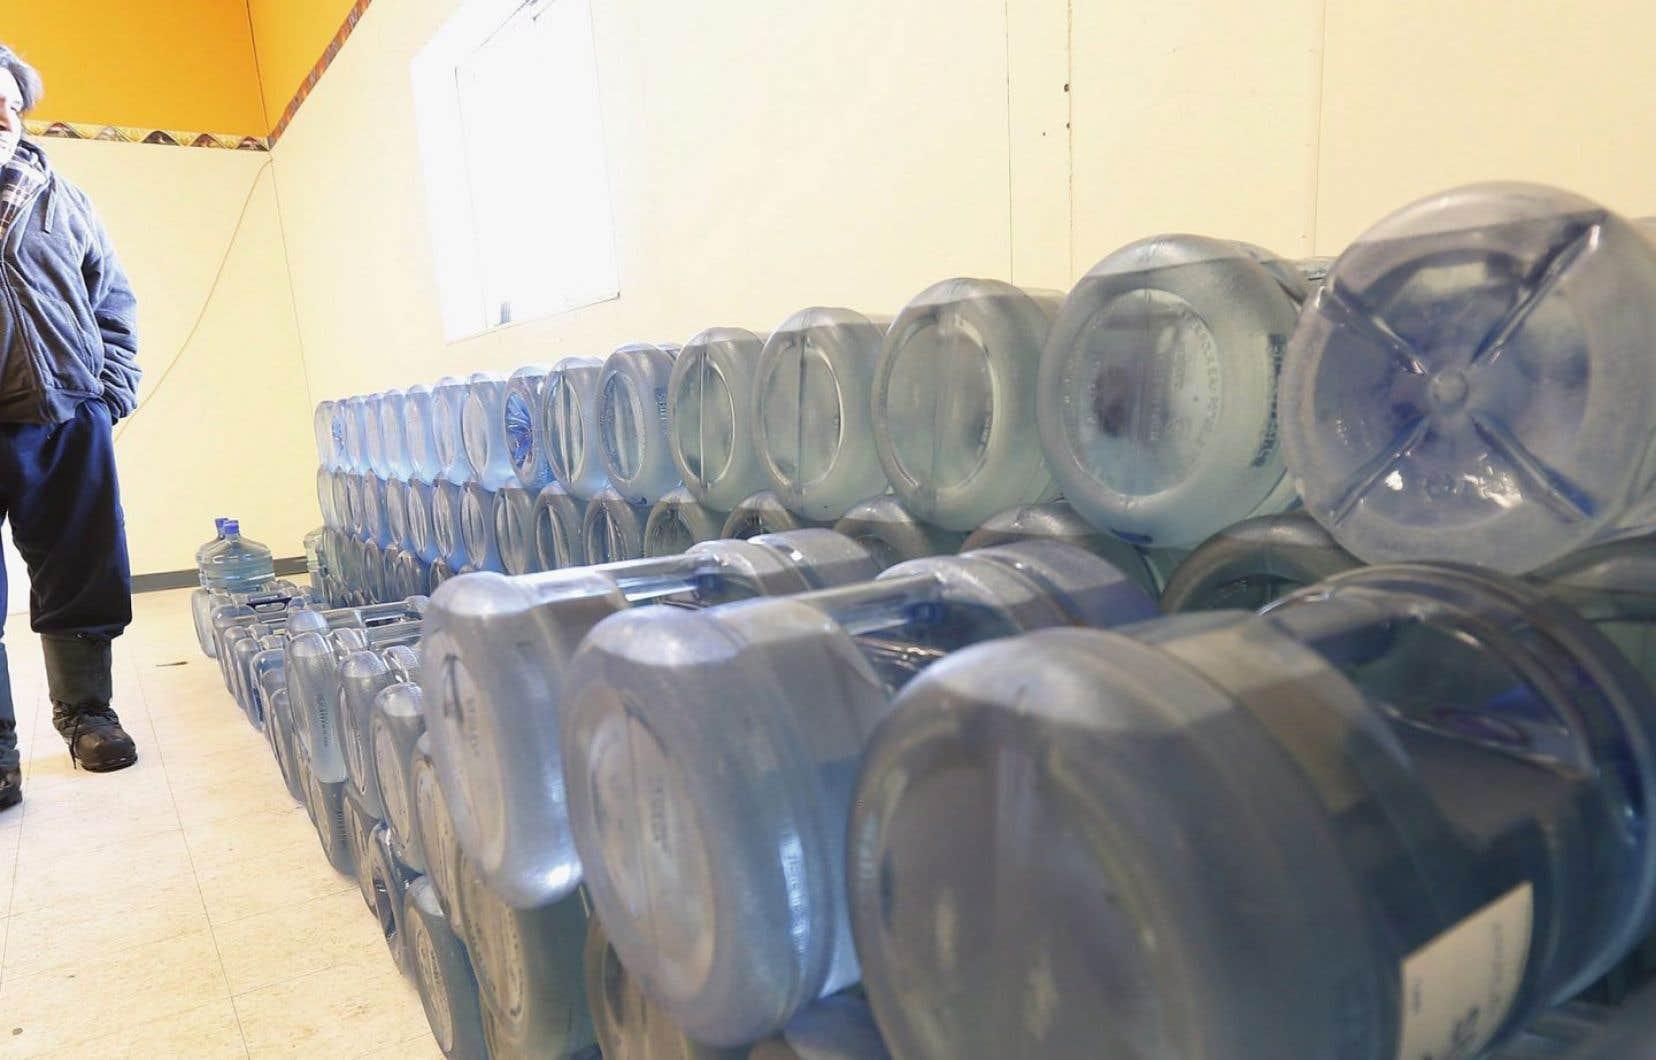 Stewart Redsky, ancien chef de la Première Nation de Shoal Lake 40, observe l'équivalent d'une semaine de bouteilles d'eau de 20 litres dans la salle de stockage de l'eau de la communauté mercredi 25 février 2015.